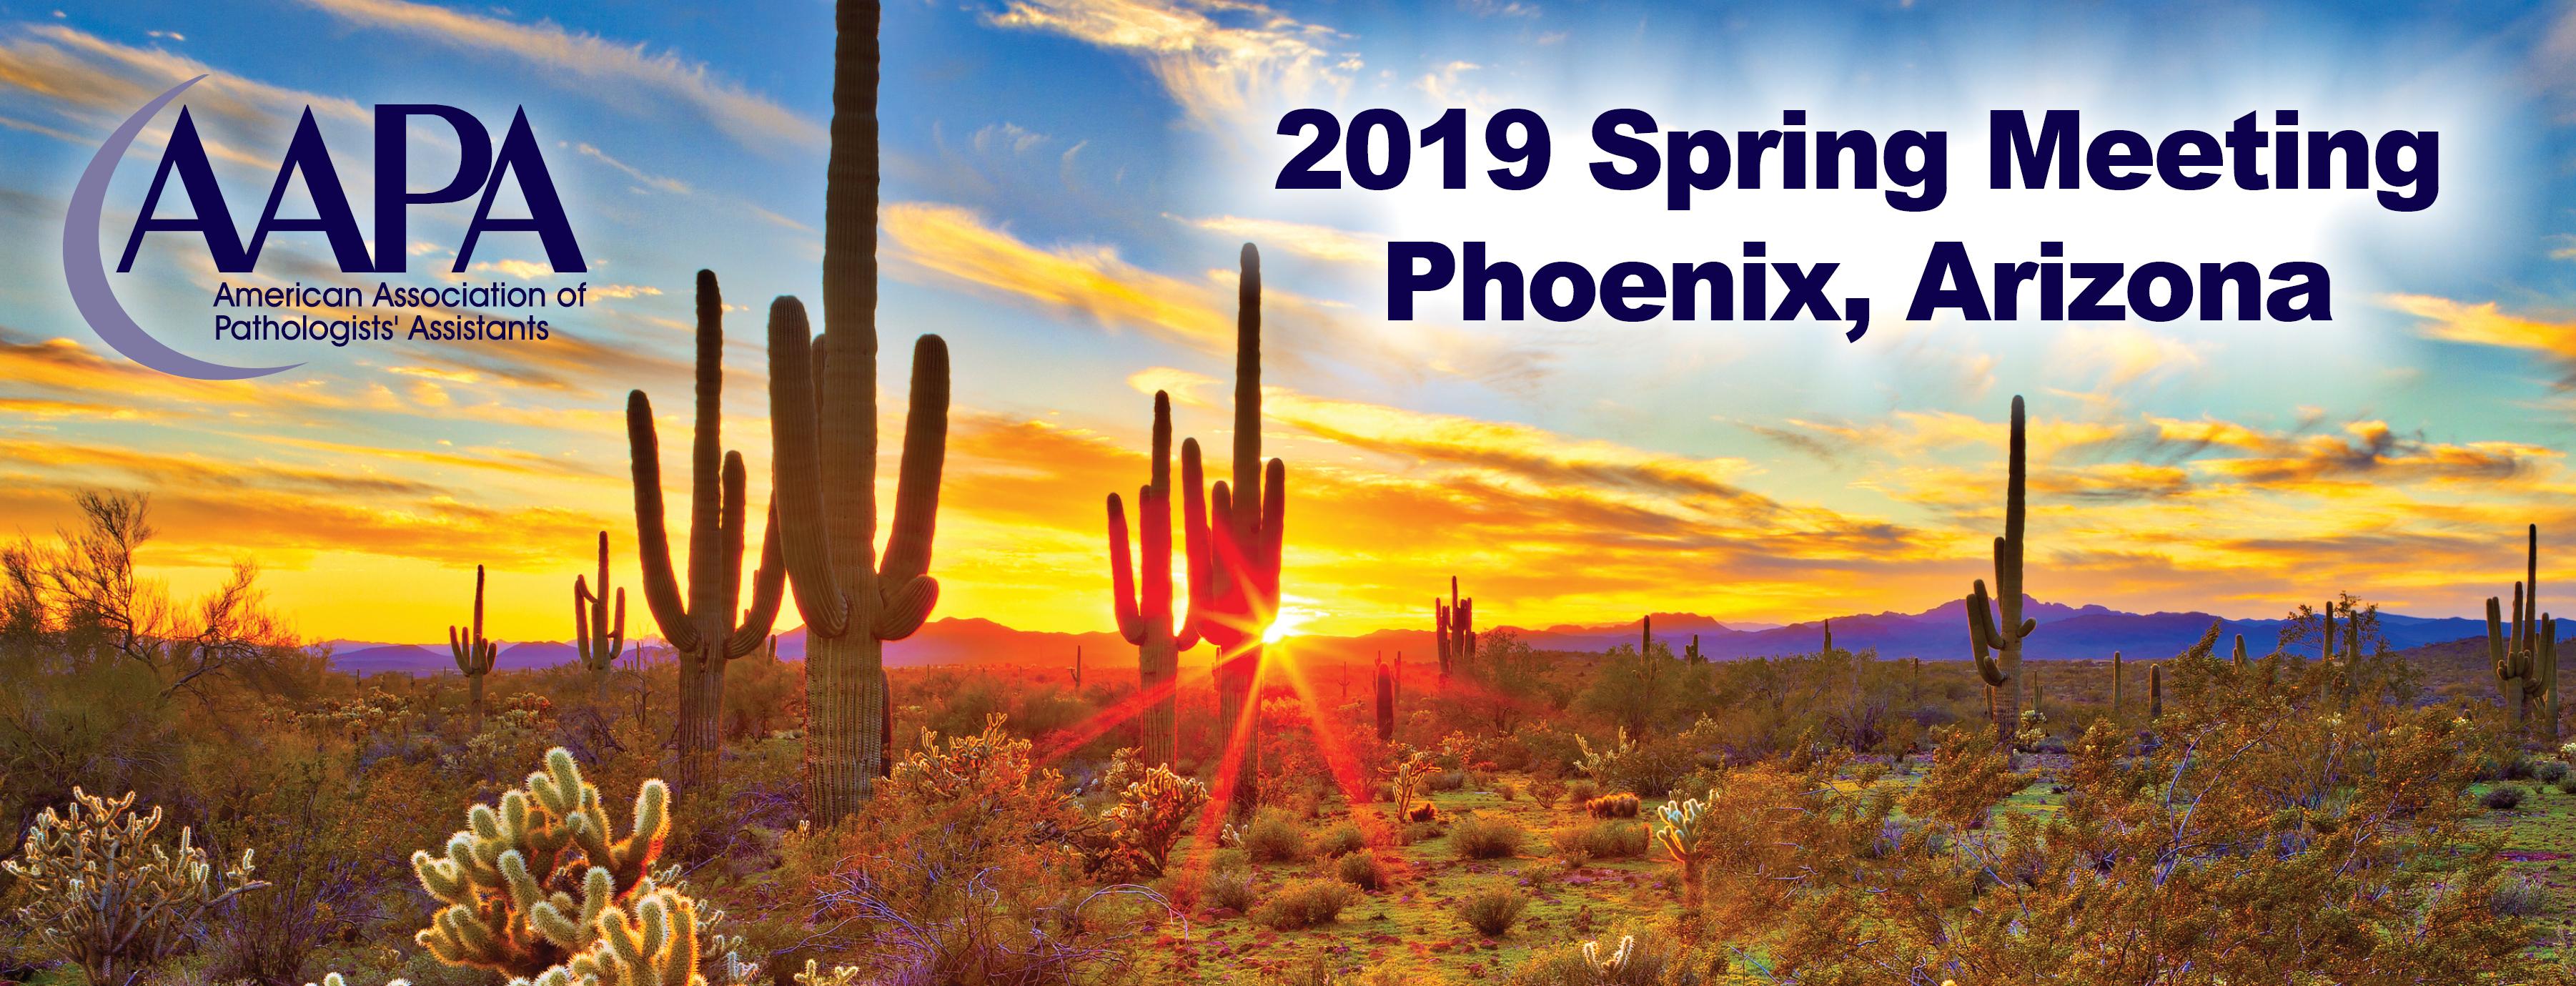 8th Annual AAPA Spring Meeting in Phoenix - American